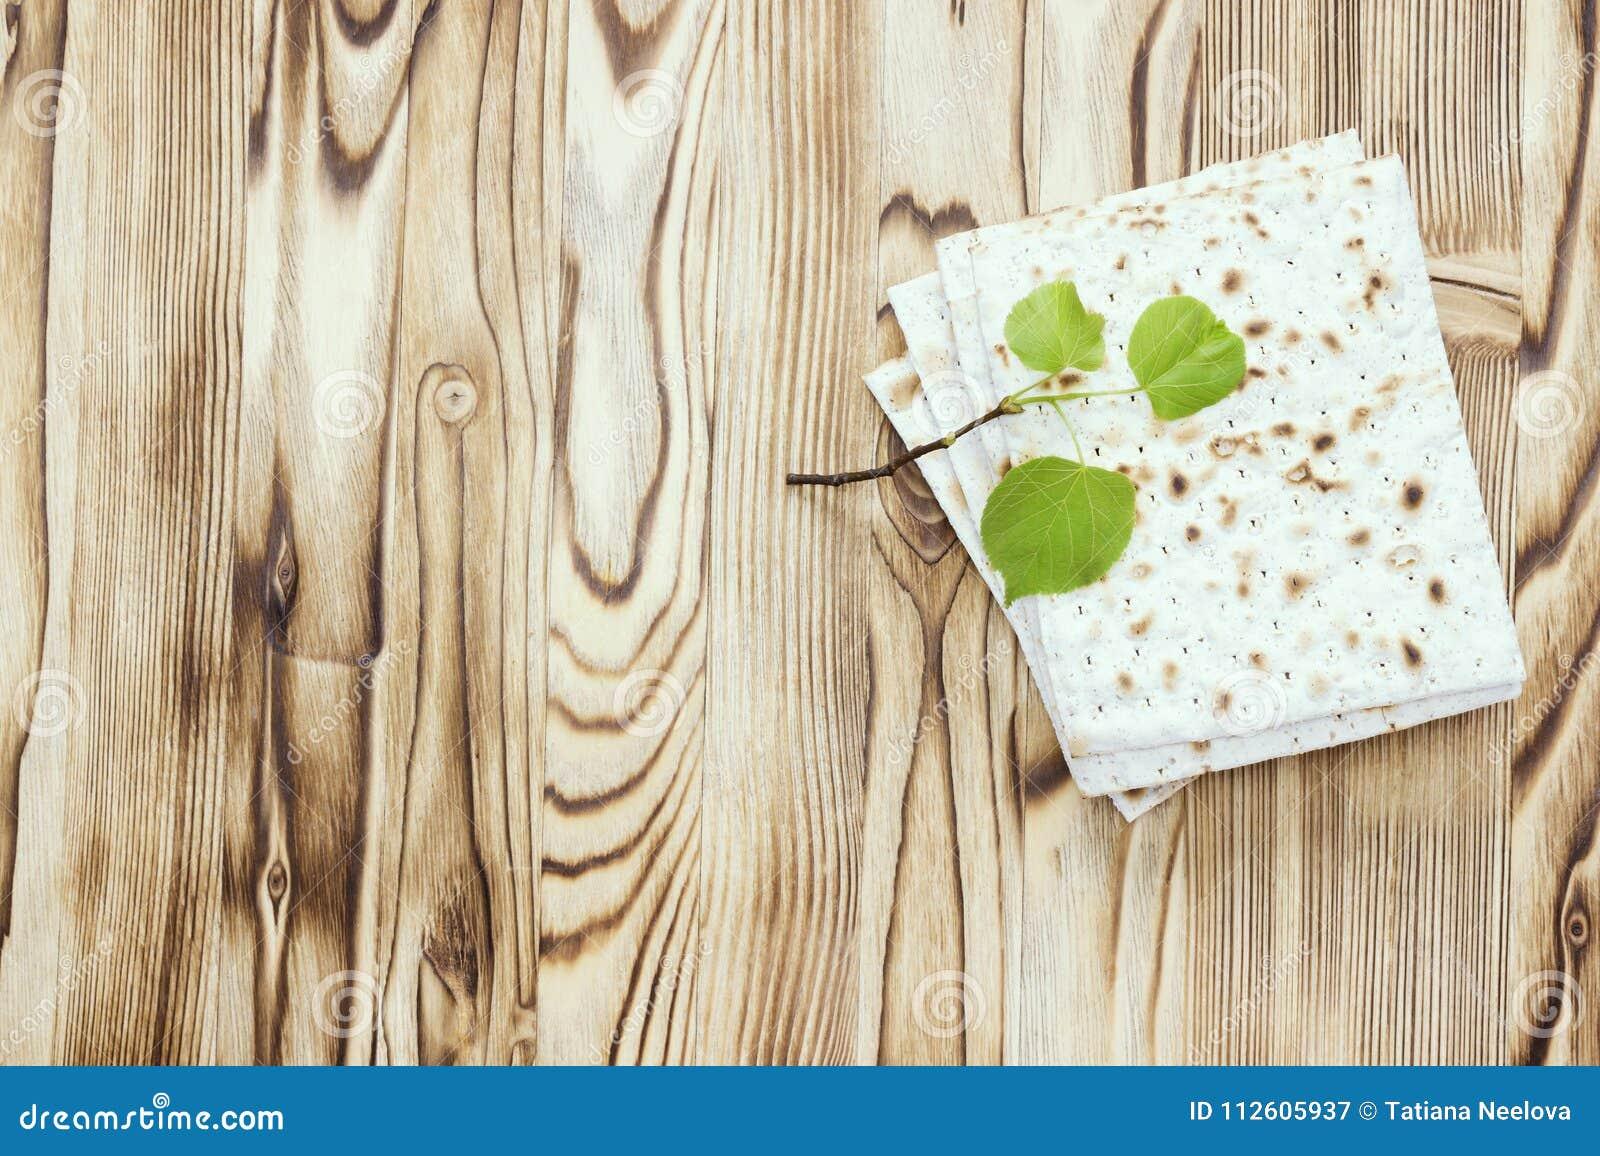 Zasięrzutna fotografia kawałki i małej wiosny świeża lipowa gałąź matzah lub matza Matzah na drewnianym stole dla Żydowskiego